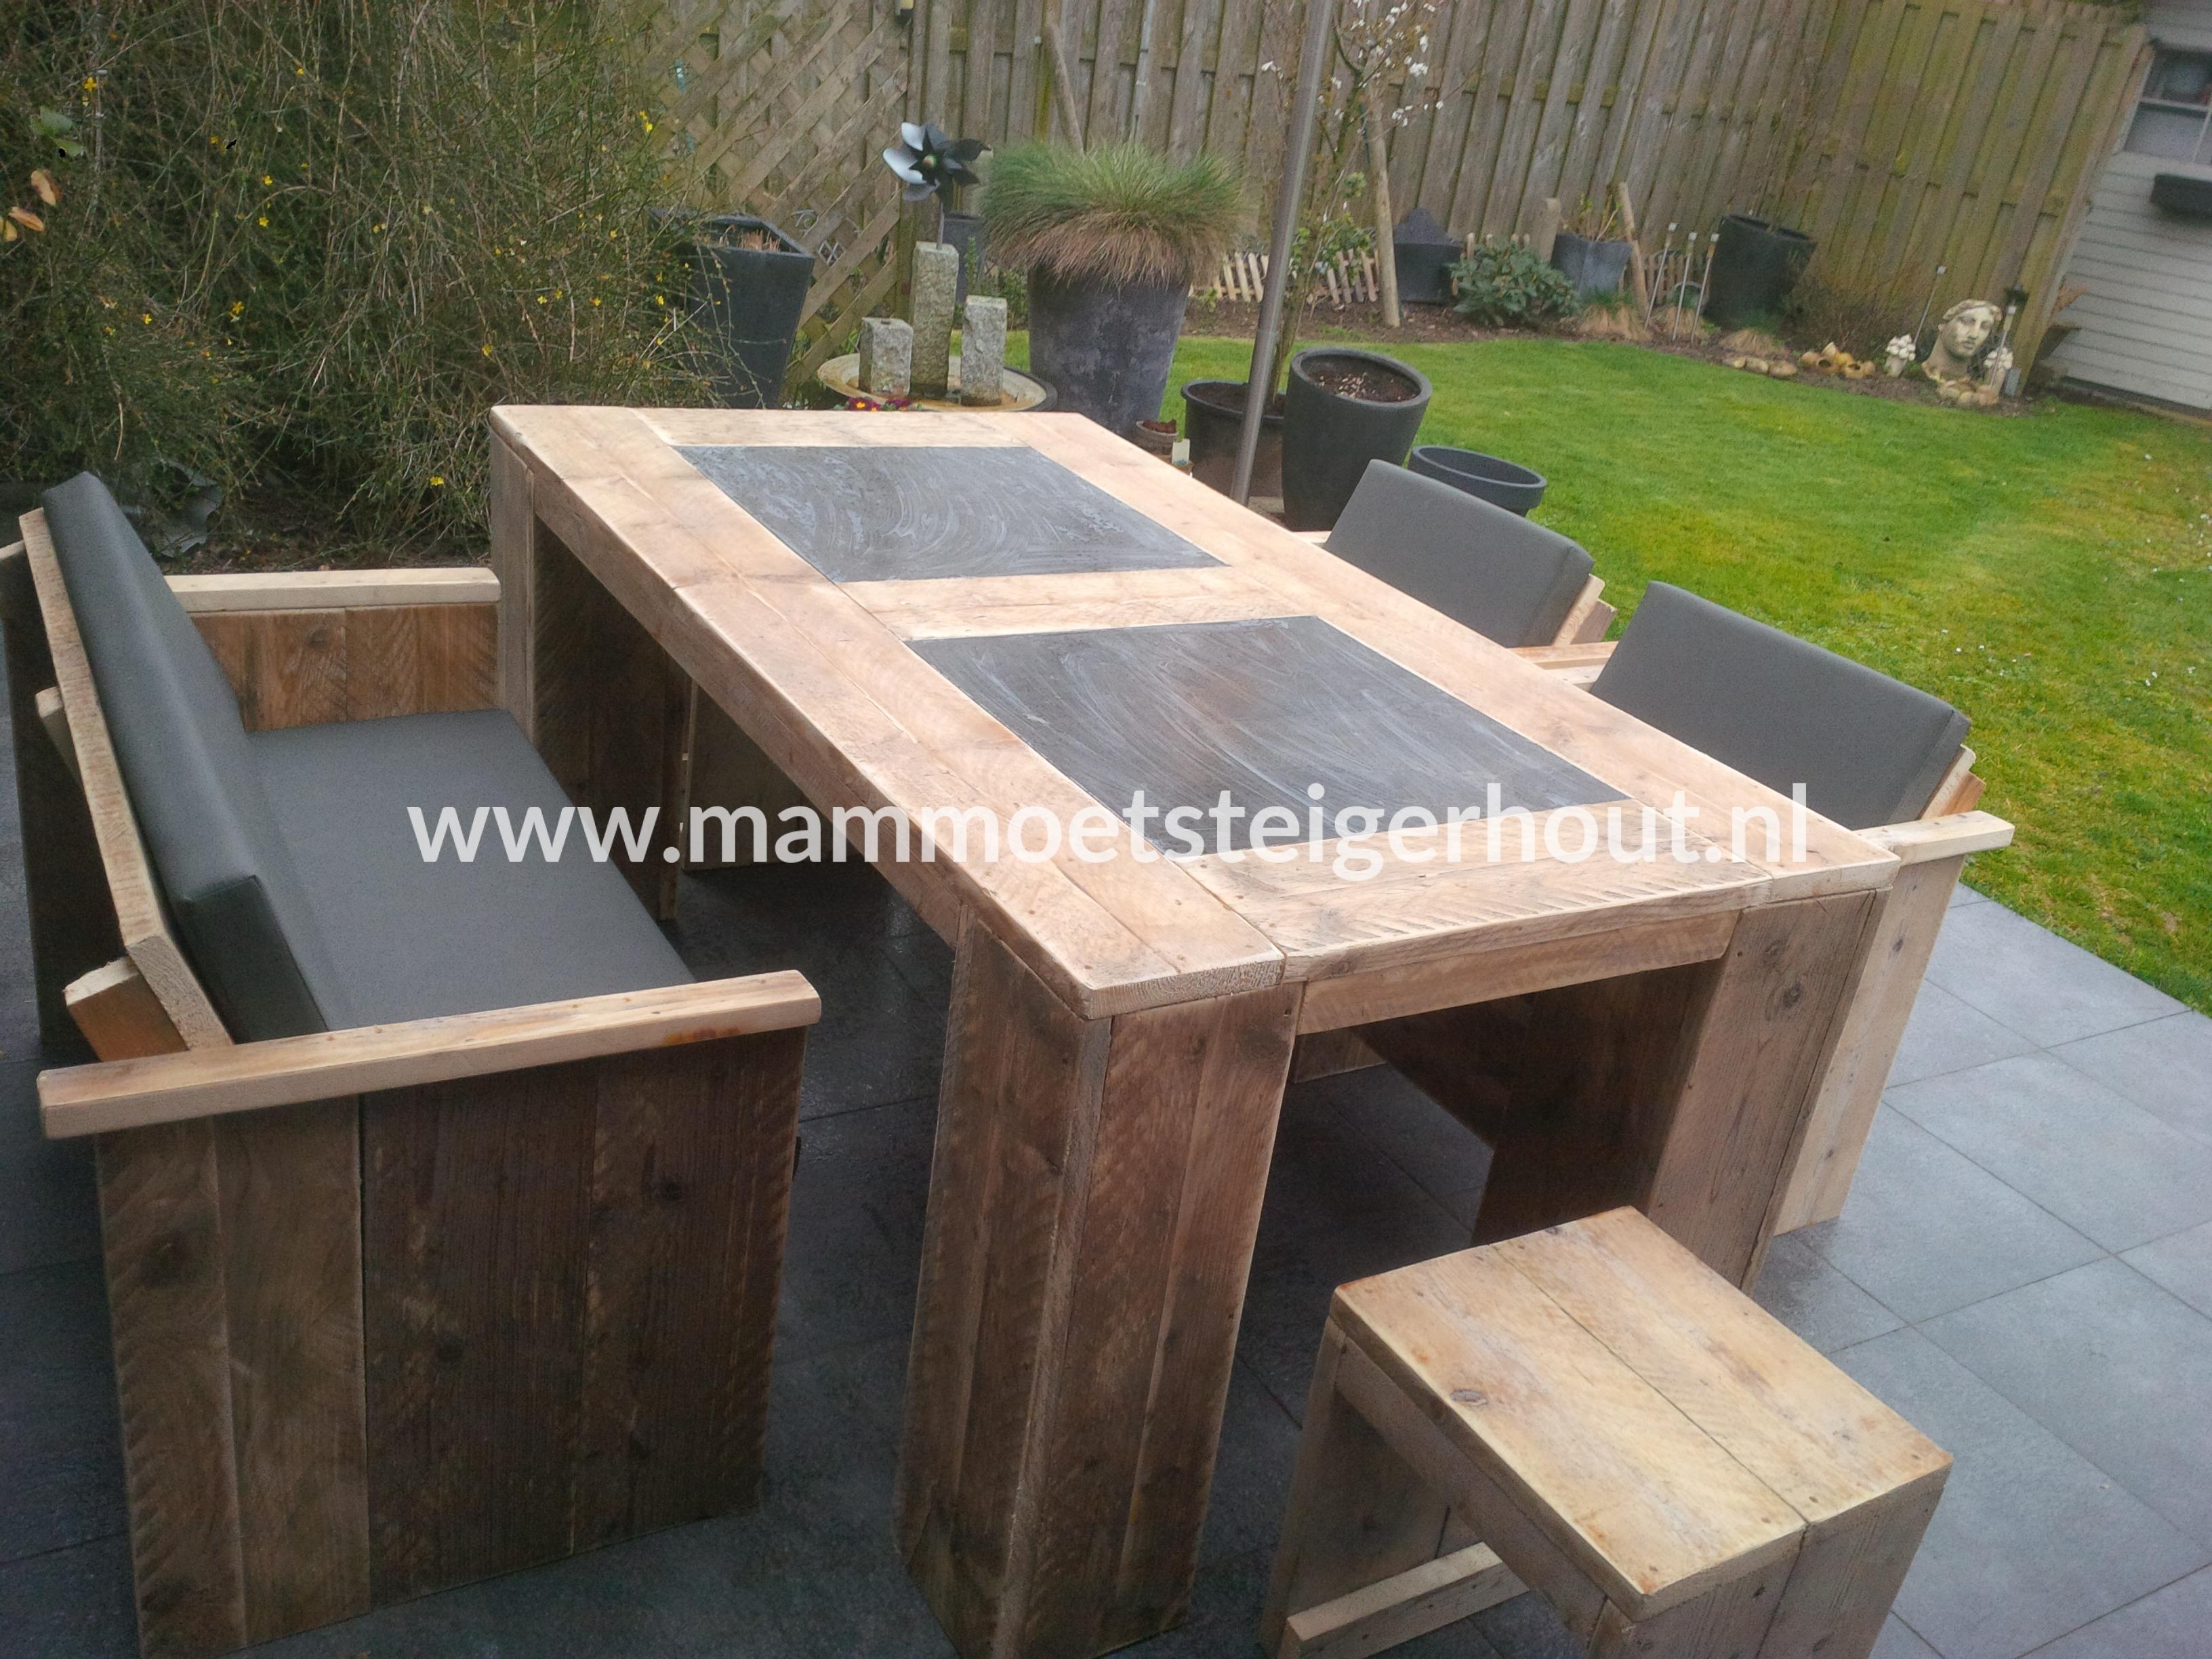 Steigerhout tuinset exclusive 4 personen mammoet for Steigerhout tuinset